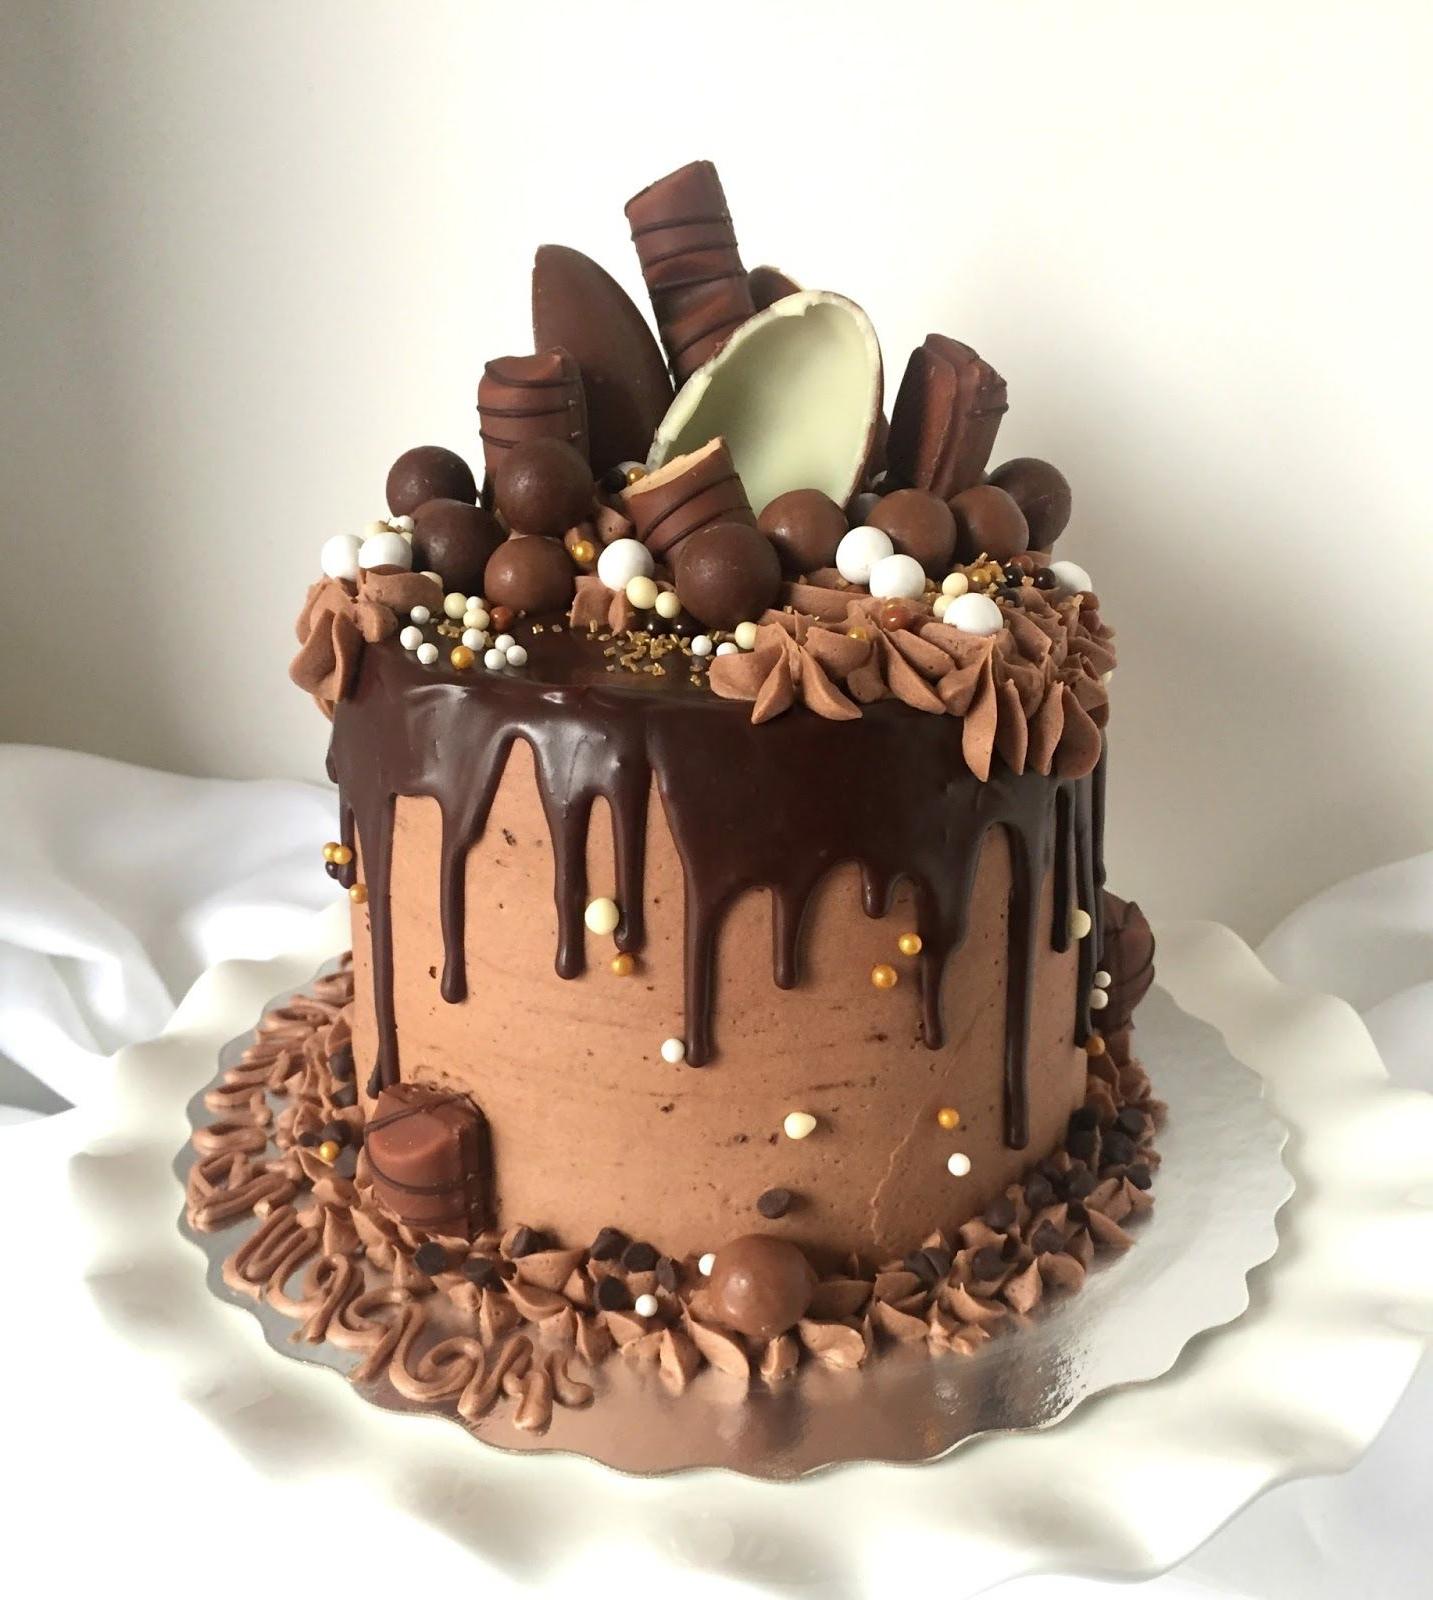 Comment décorer facilement un gâteau d'anniversaire au chocolat